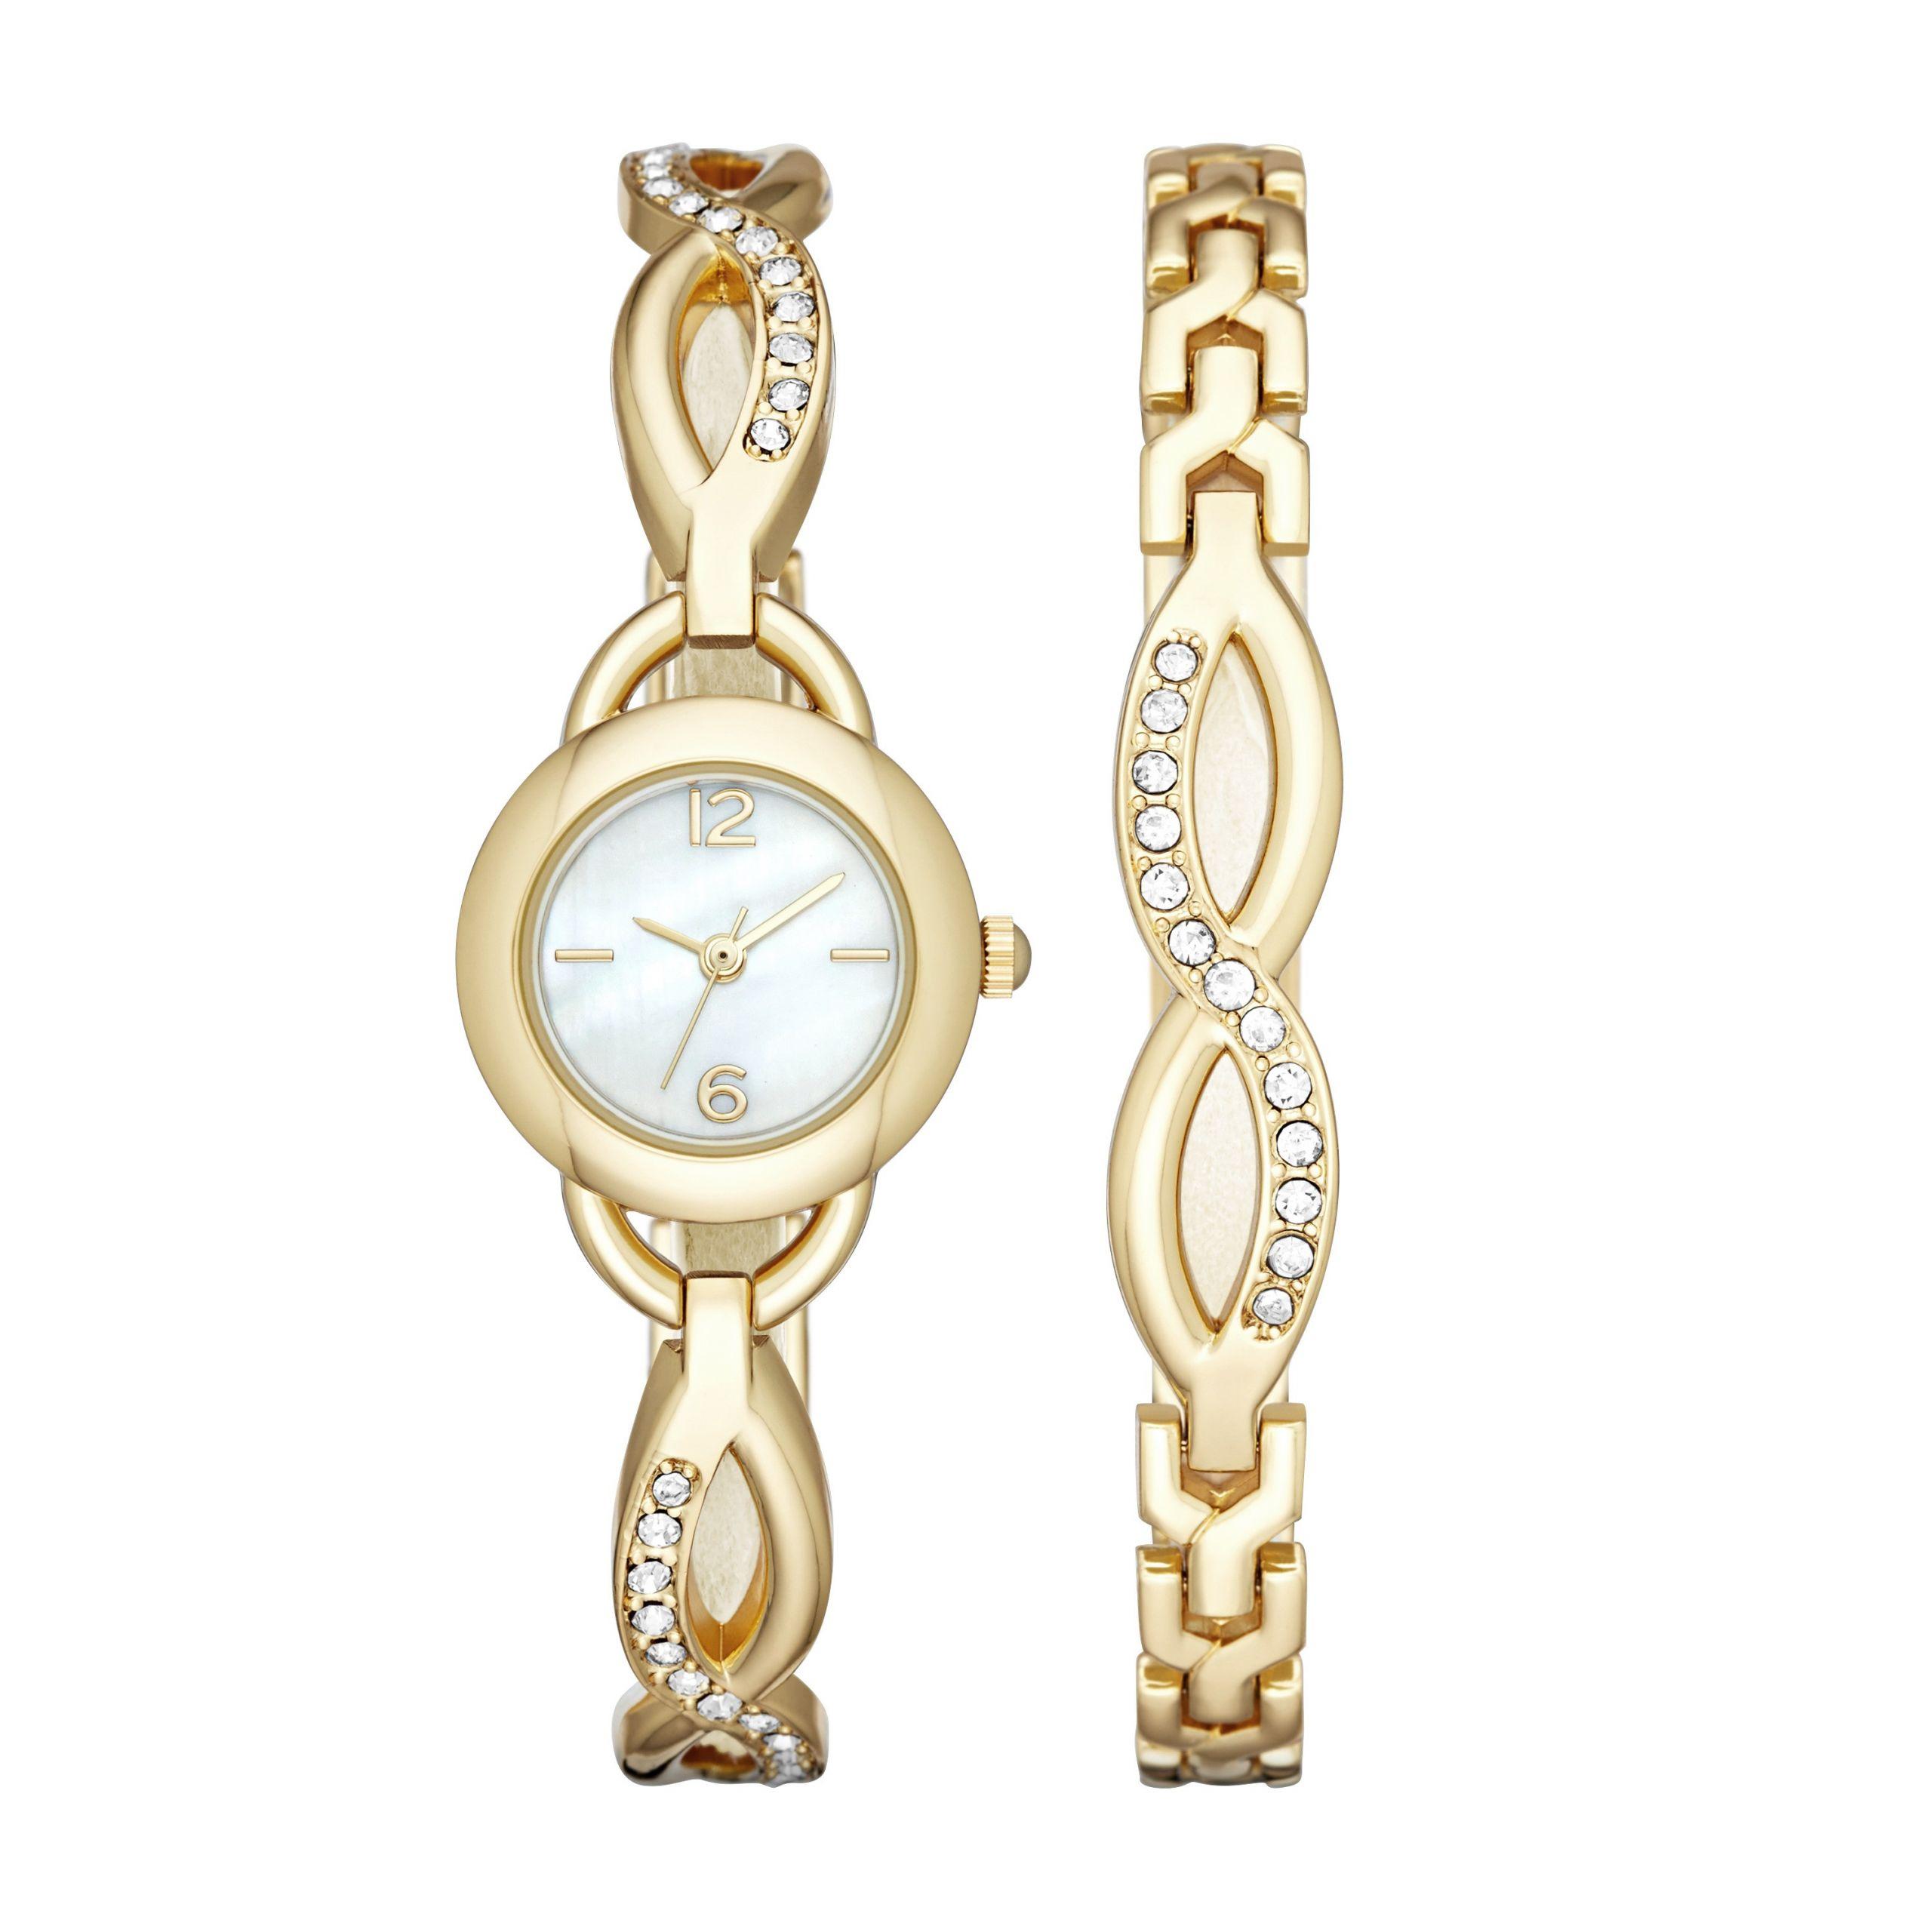 Bracelet And Watch Set  La s Watch and Bracelet Set